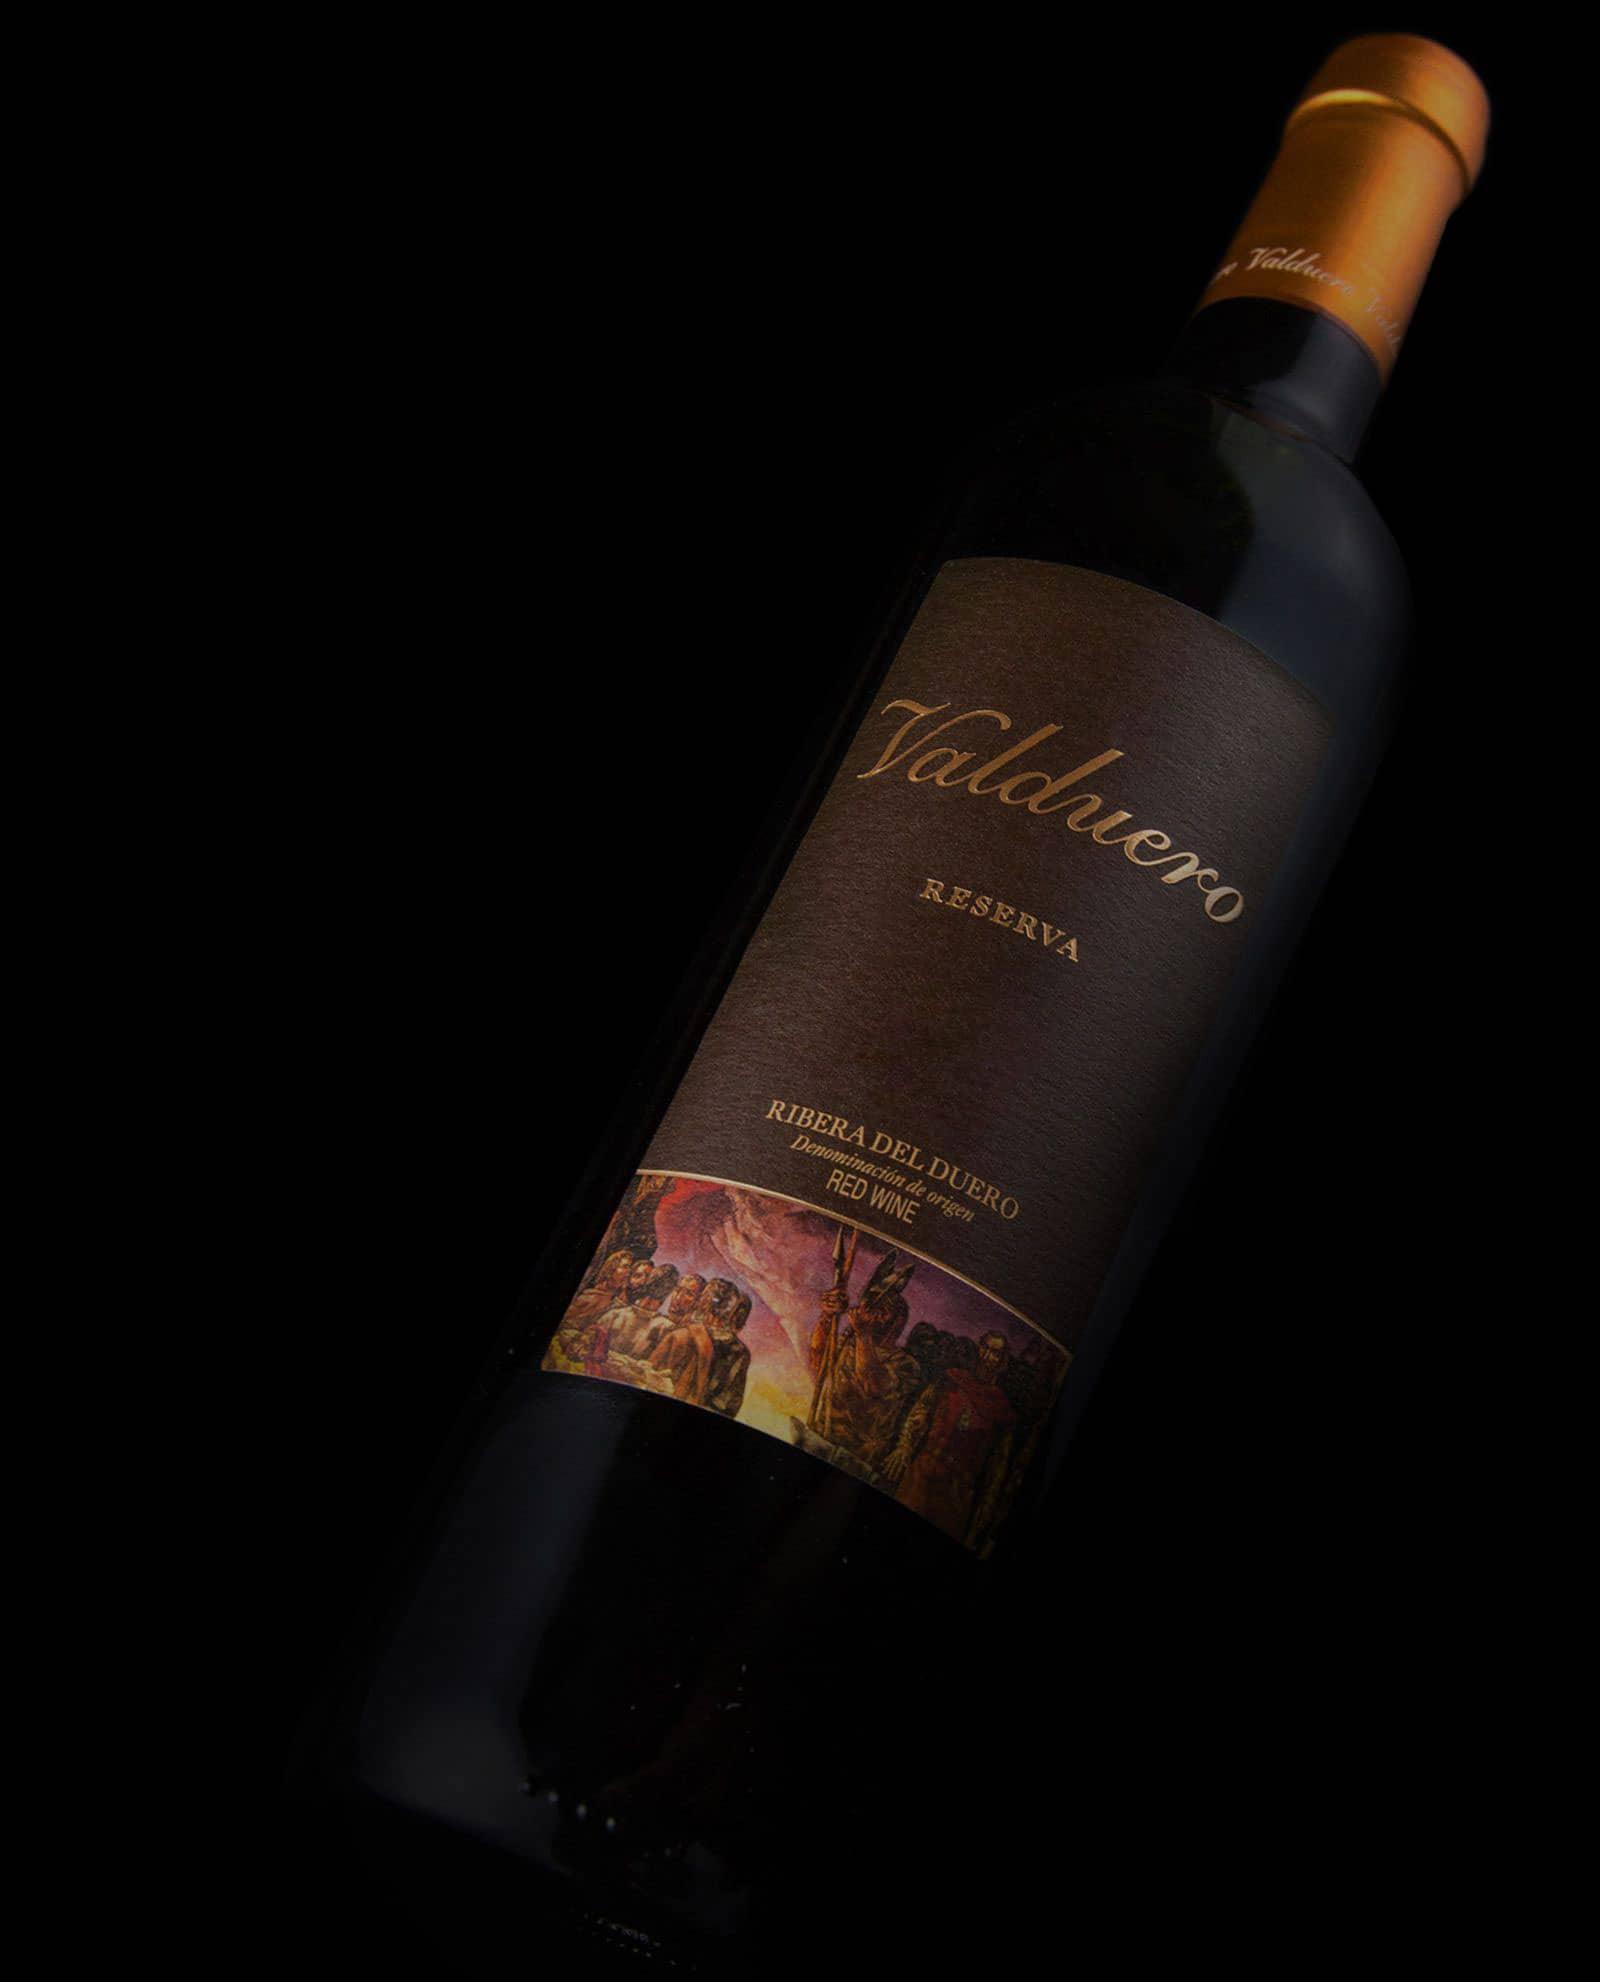 detalle de la Botella de Valduero Reserva, vino de la RIbera del Duero